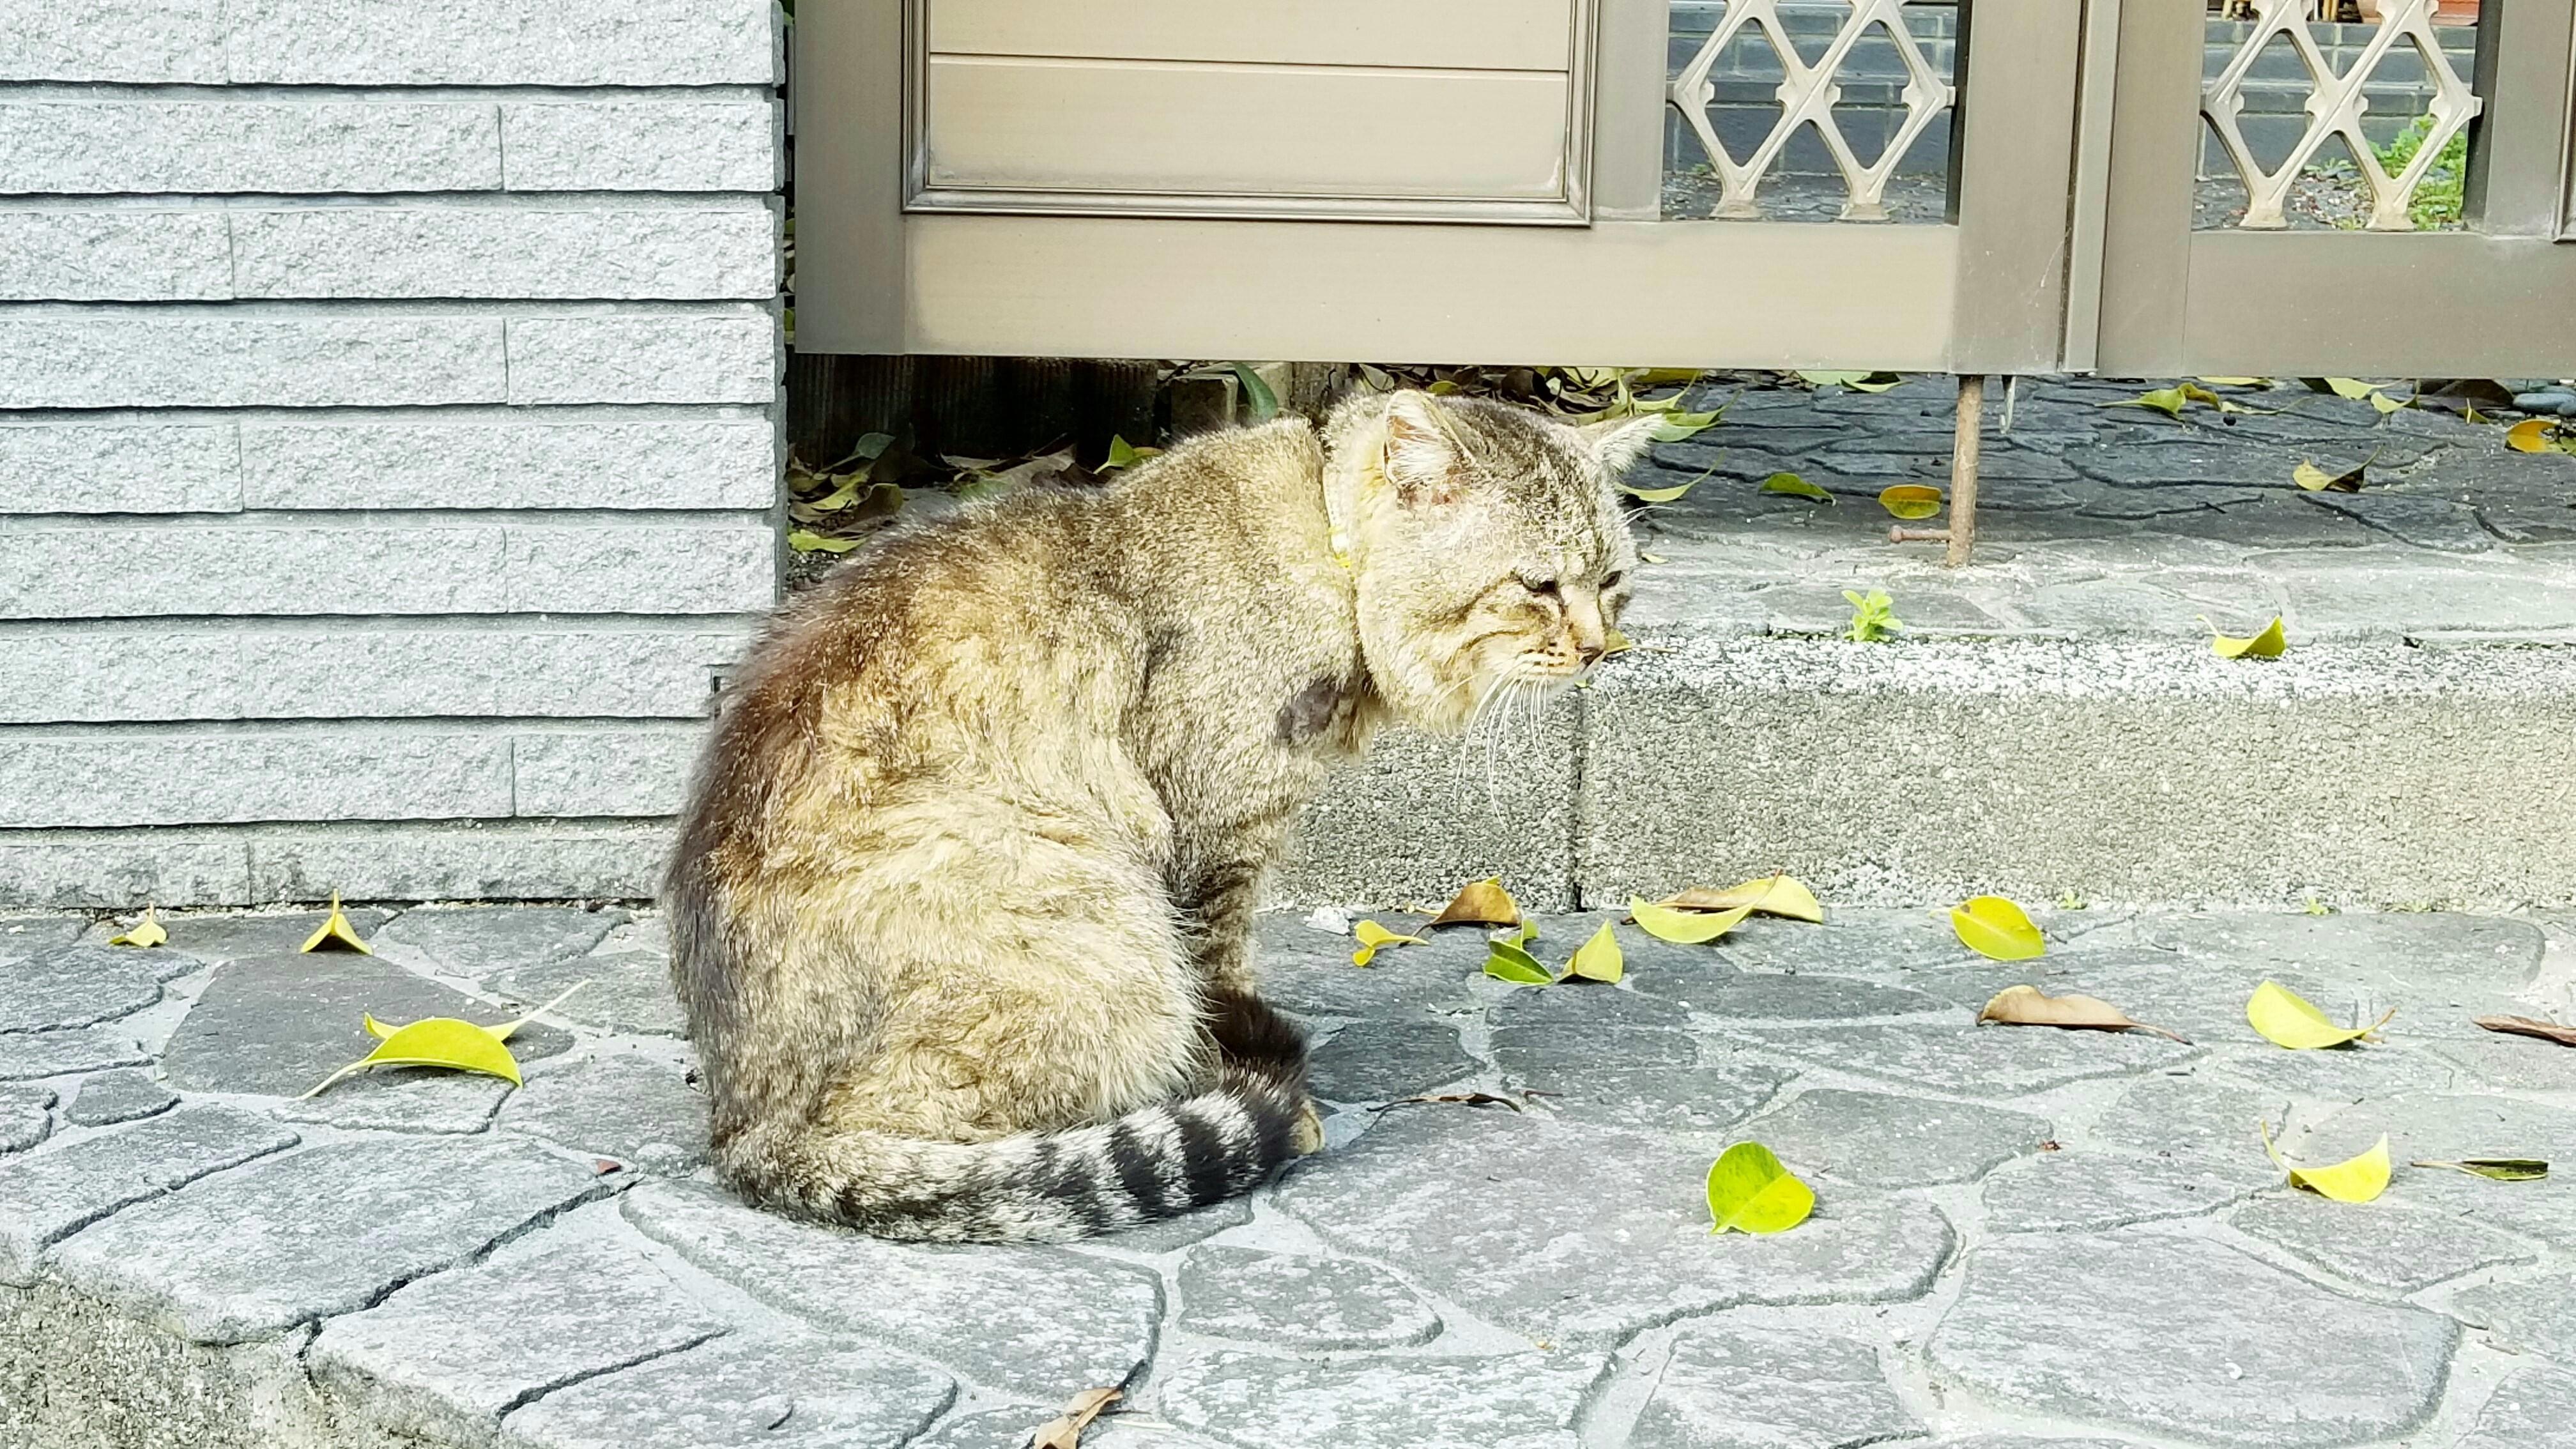 野良猫保護にゃんこパトロール日向ぼっこかわいい老おすすめブログ